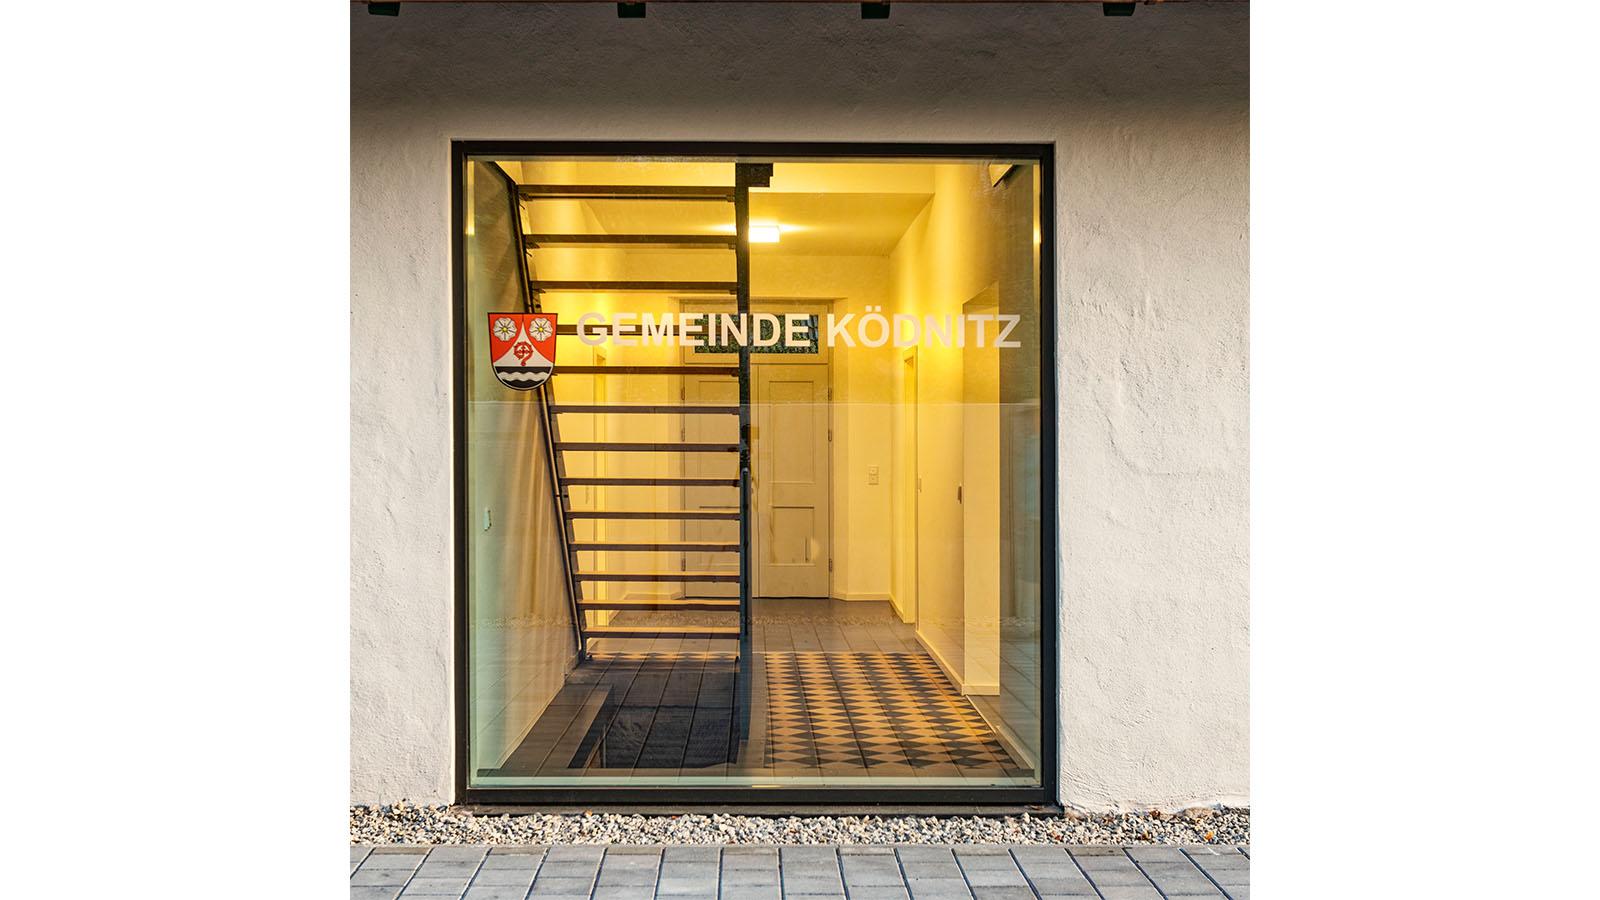 h2m-rathaus-koednitz-schulhaus-foelschnitz-barrierefreier-eingang-rueckseite-bodentiefes-fenster